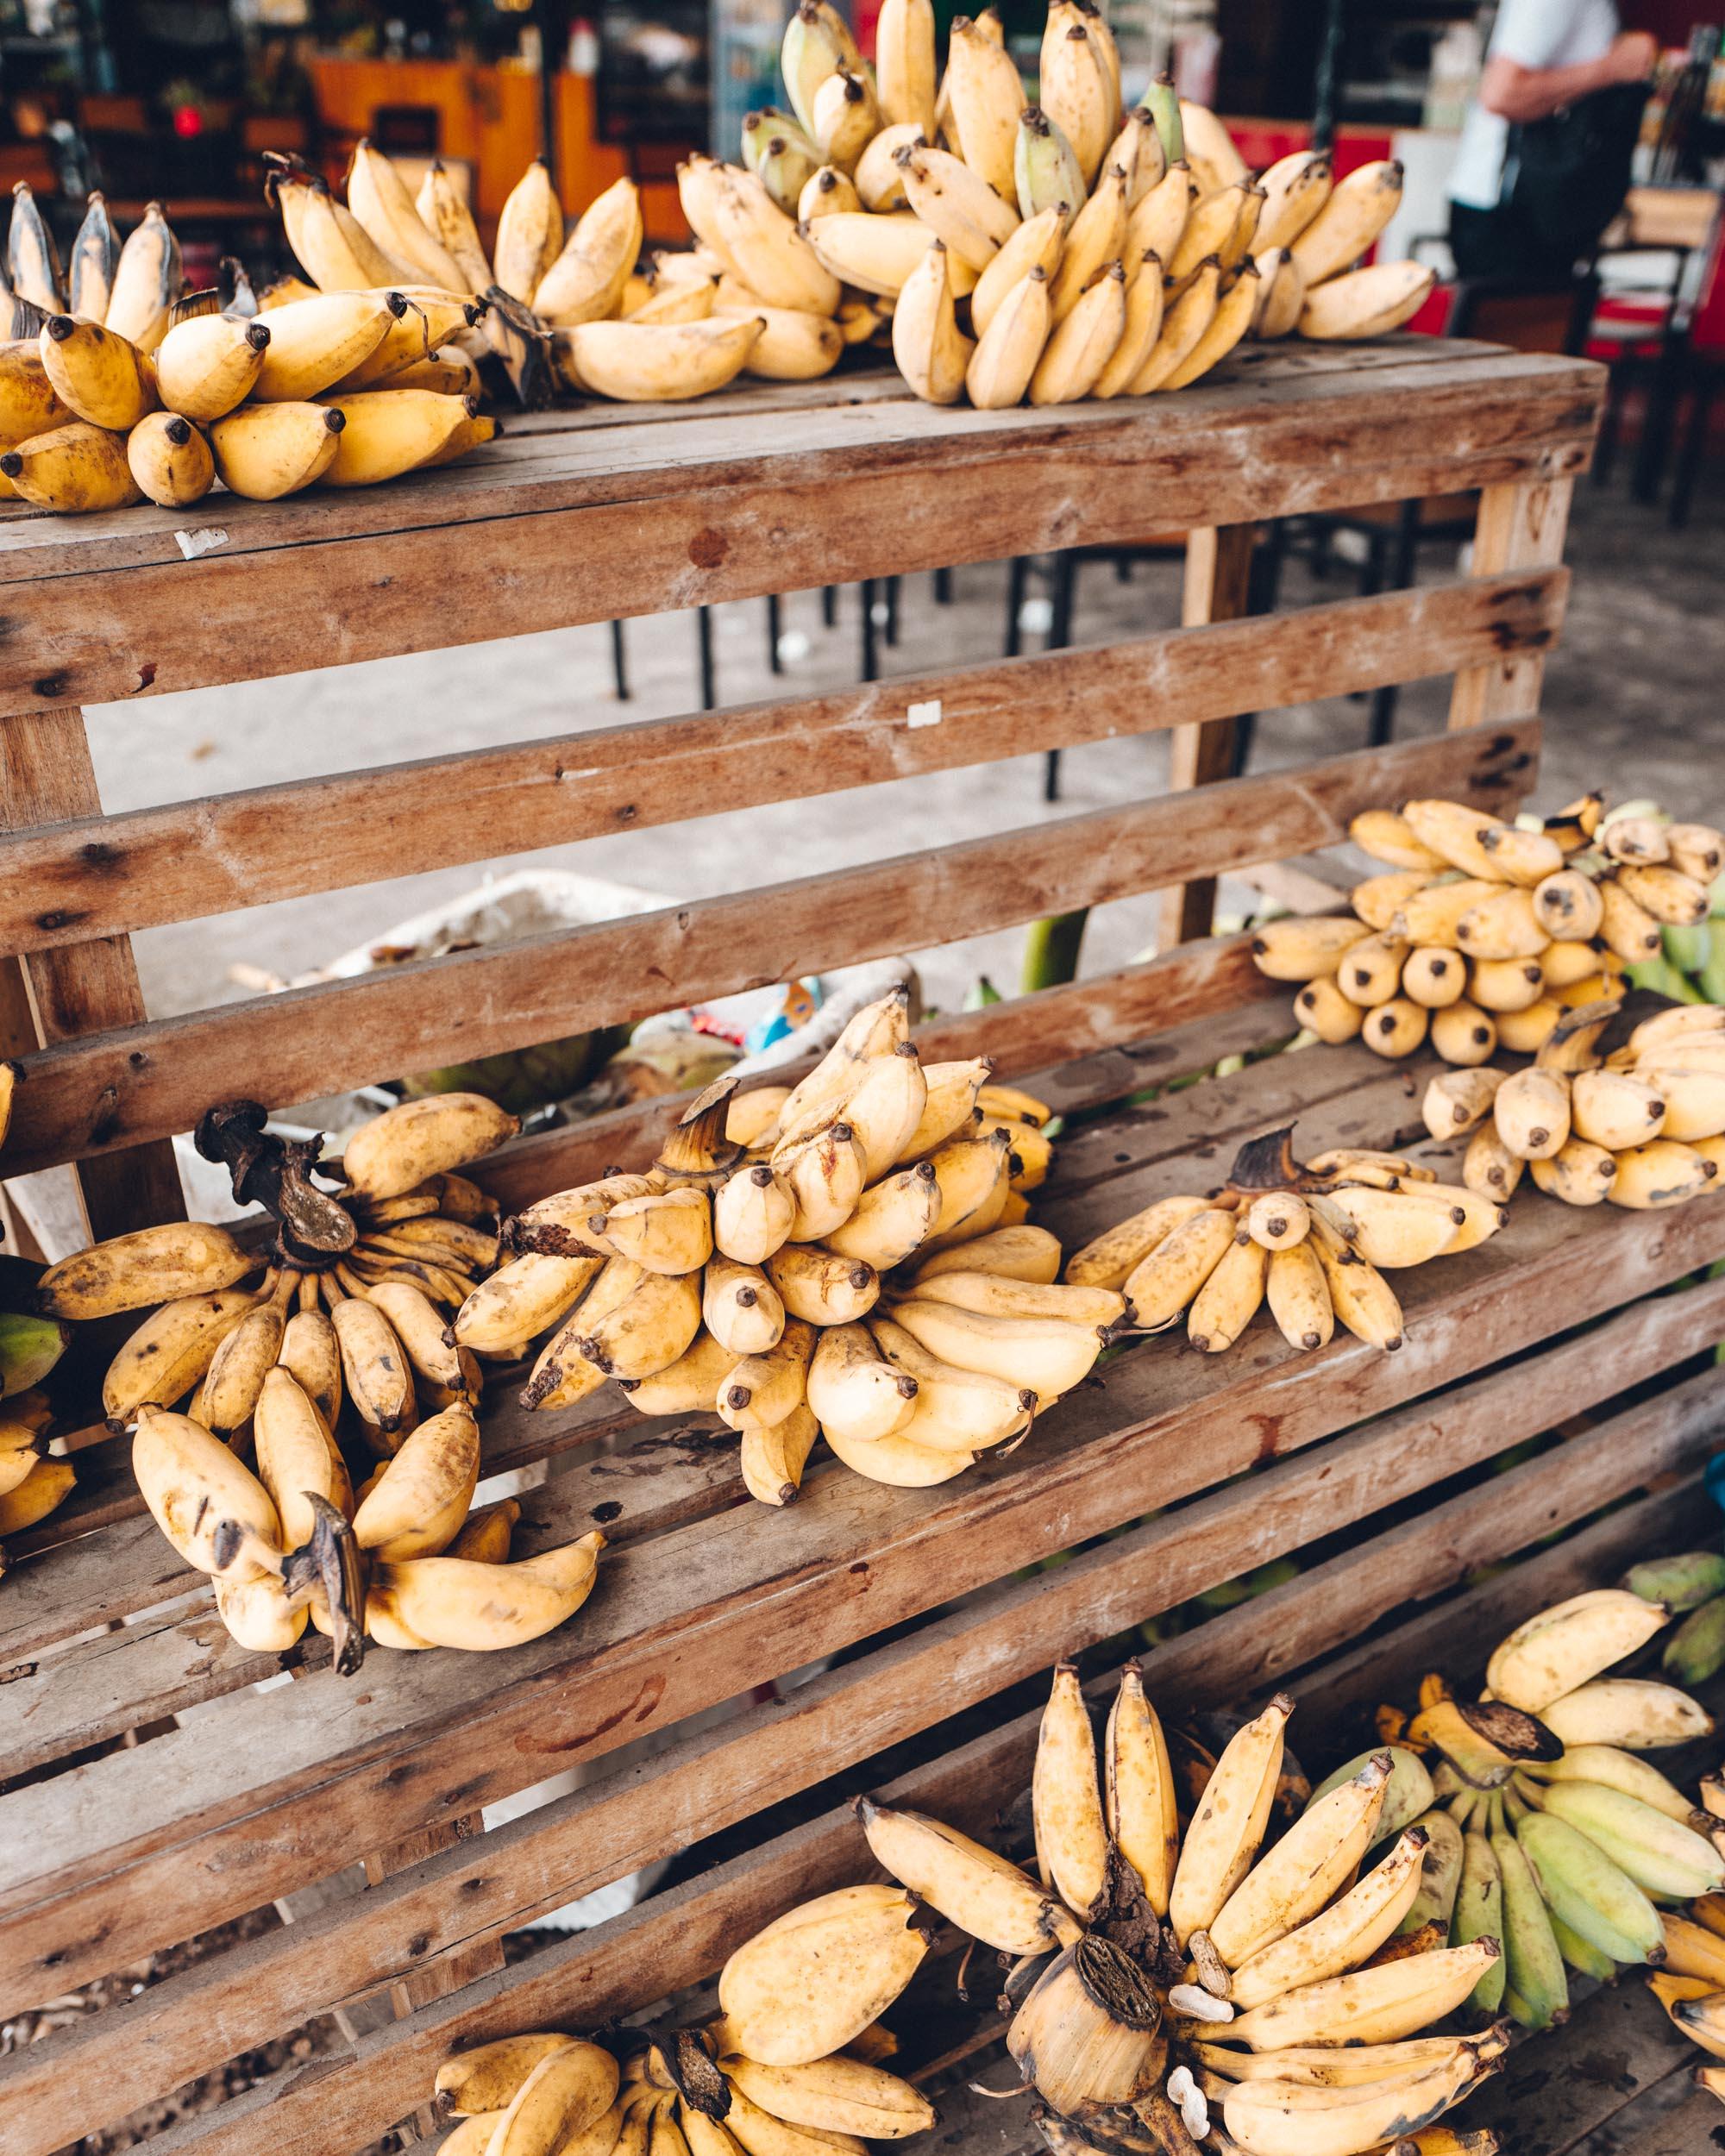 Bananas in Hanoi Vietnam